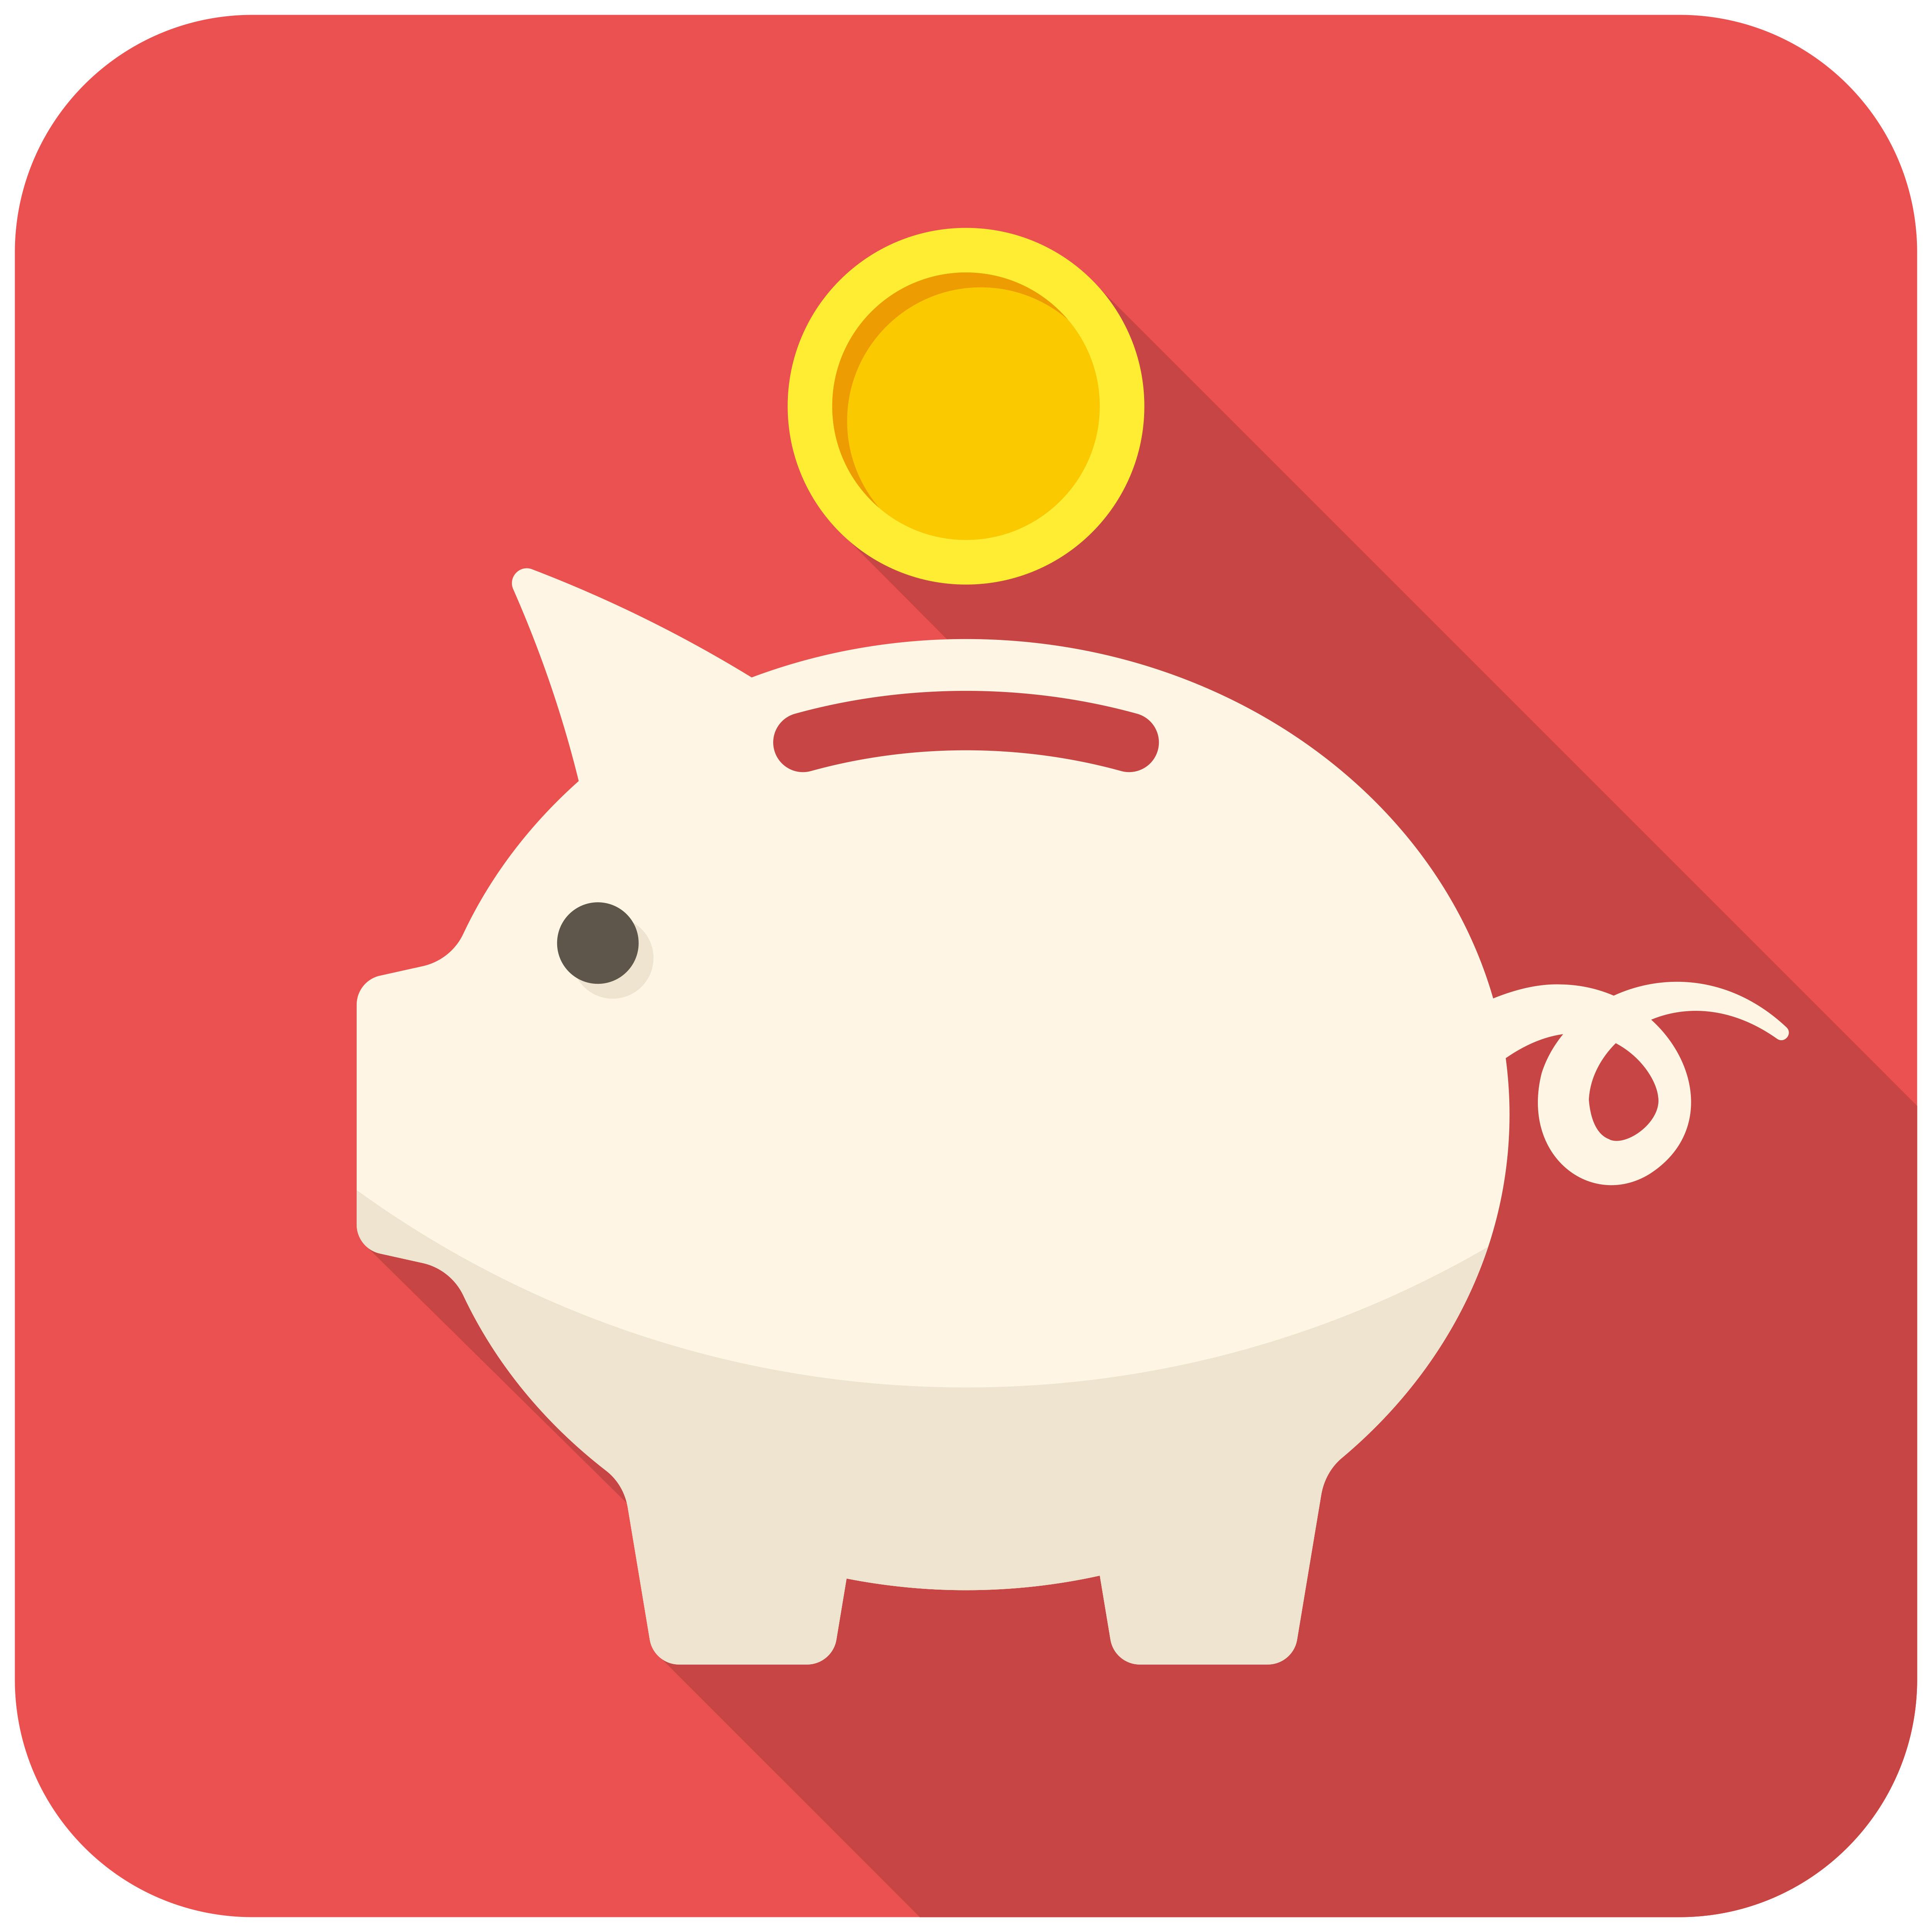 60% of UK SMEs avoid high street banks.